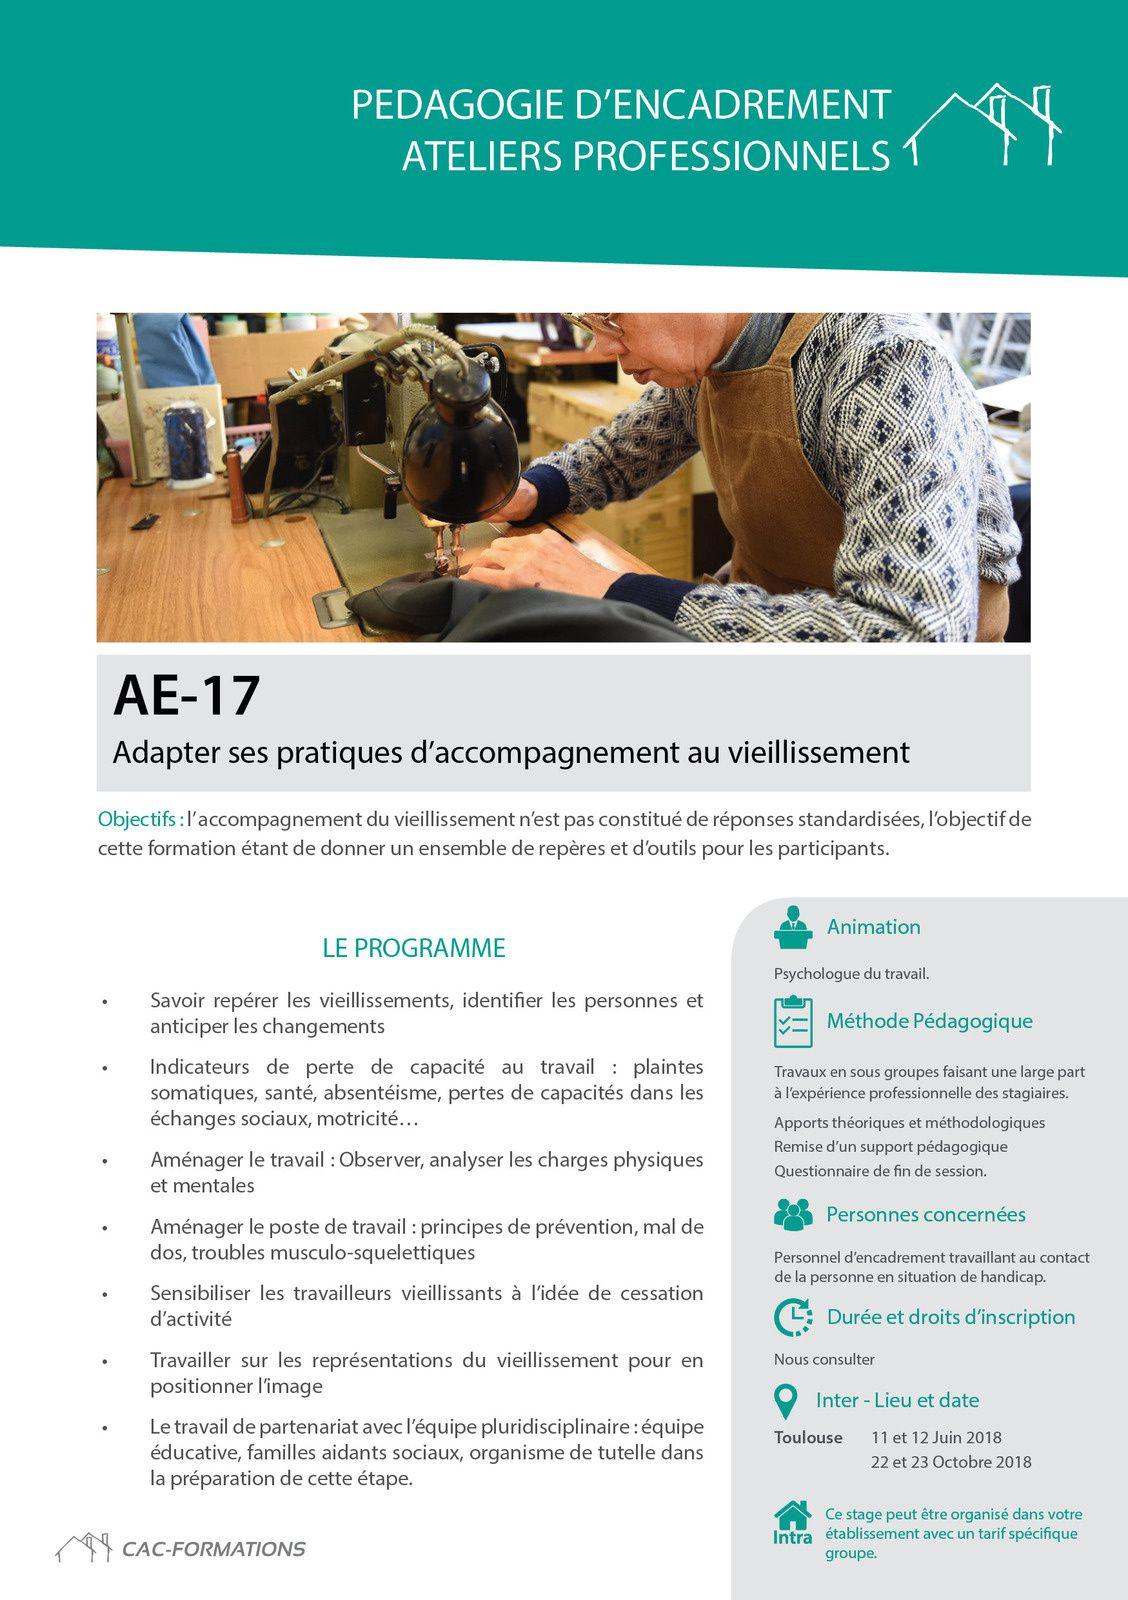 Moniteurs d'ateliers,encadrants :Des besoins importants en formation continue en 2019.